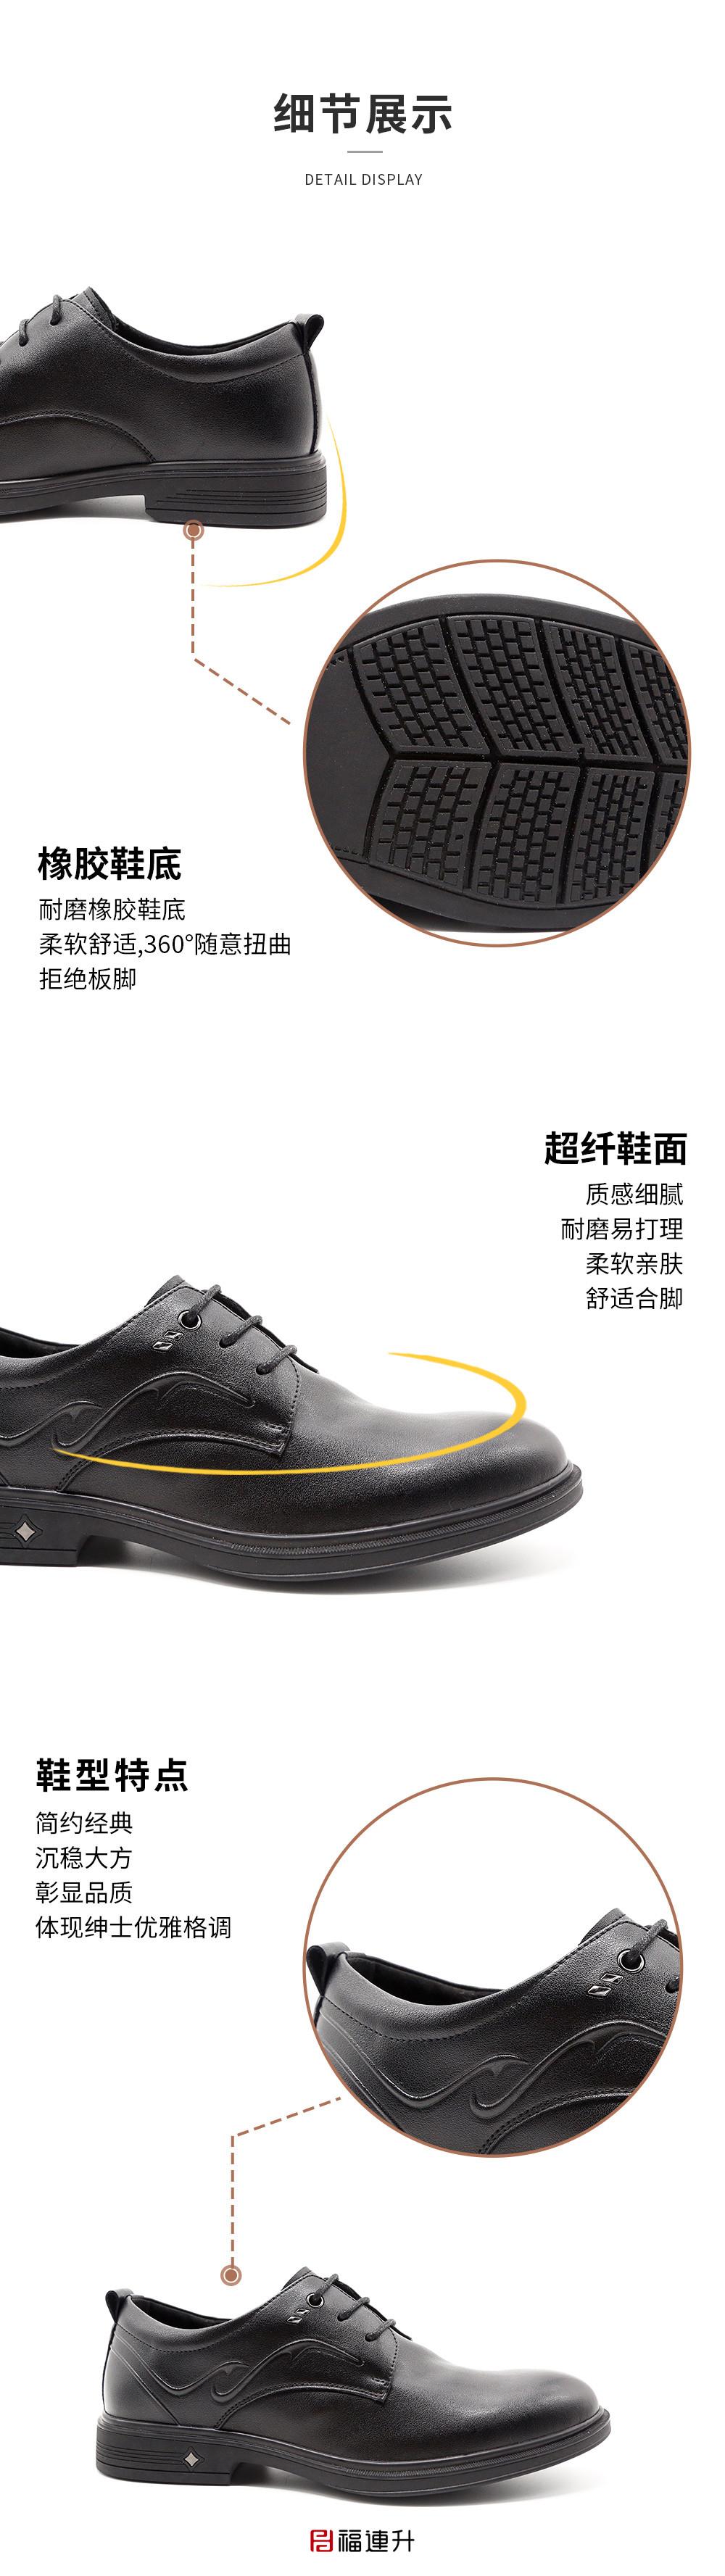 福连升休闲商务男鞋工作鞋棉麻舒适老北京布鞋图片